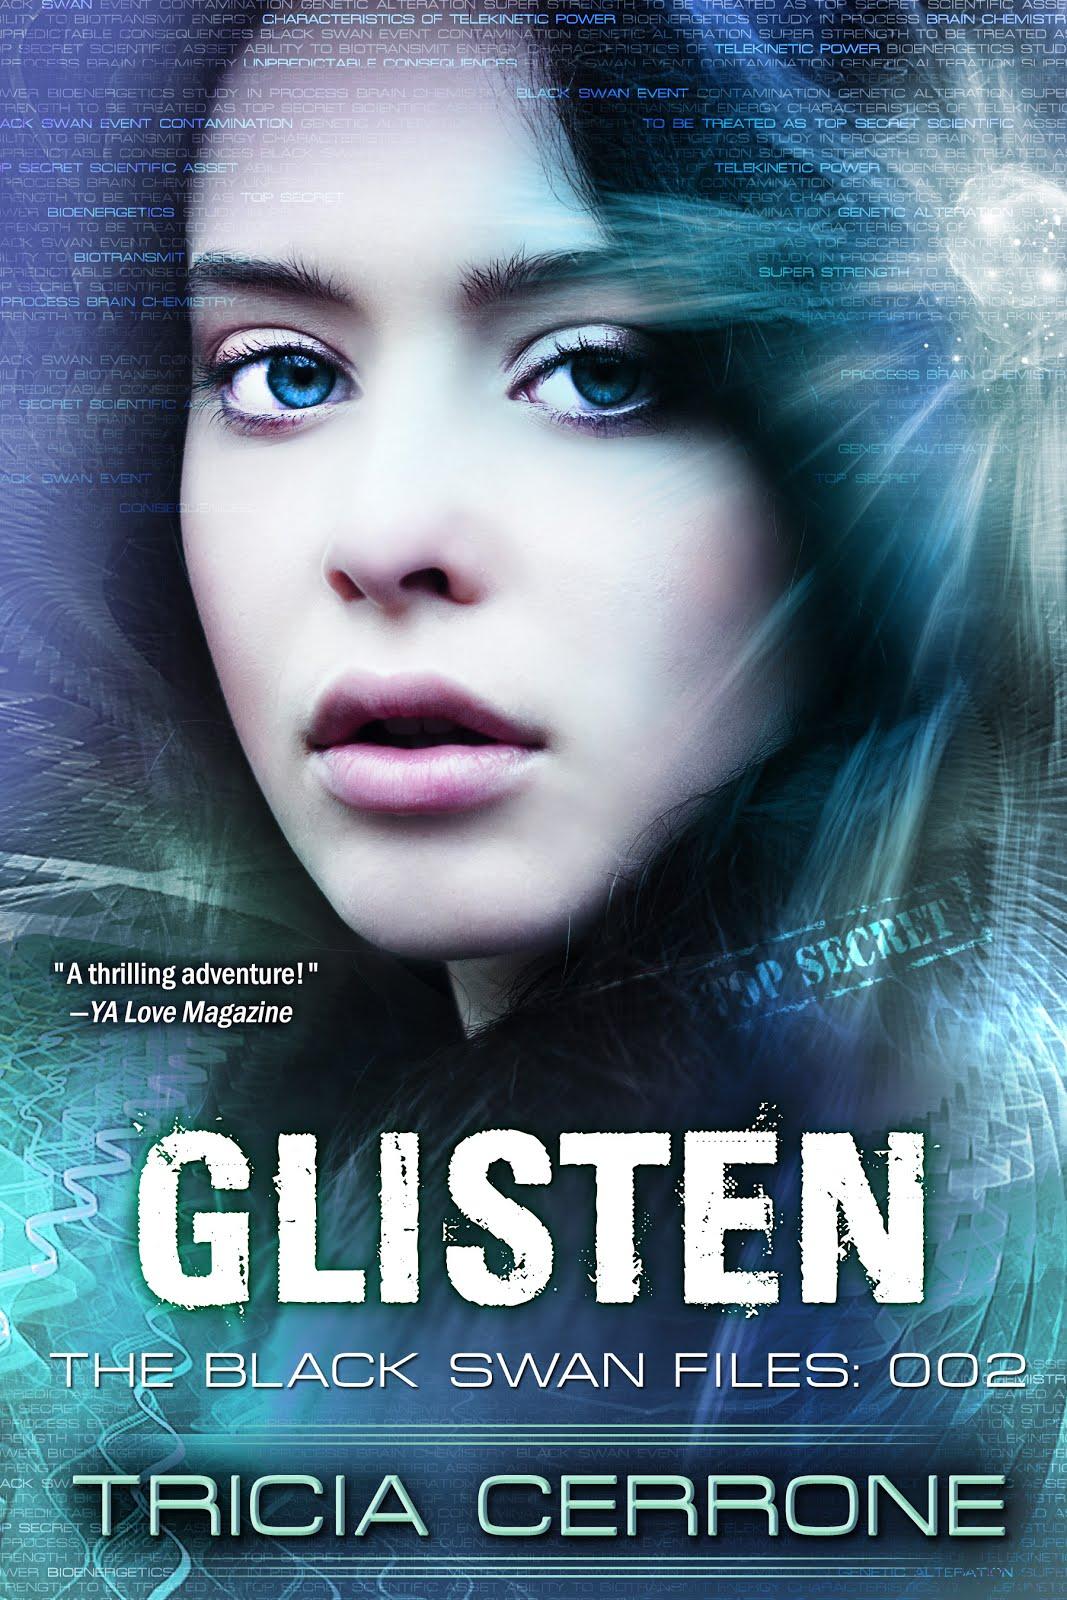 Review: Glisten: The Black Swan Files 002 By Tricia Cerrone